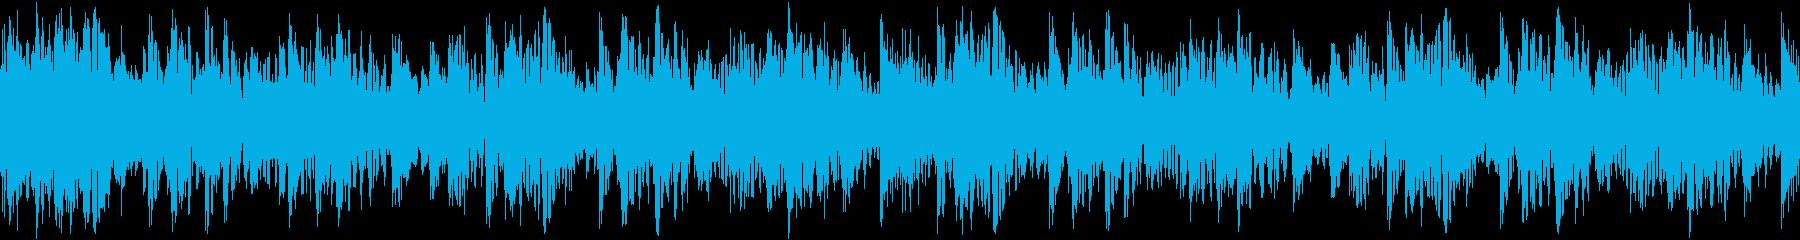 和楽器 民族楽器 太鼓 囃子 祭の再生済みの波形